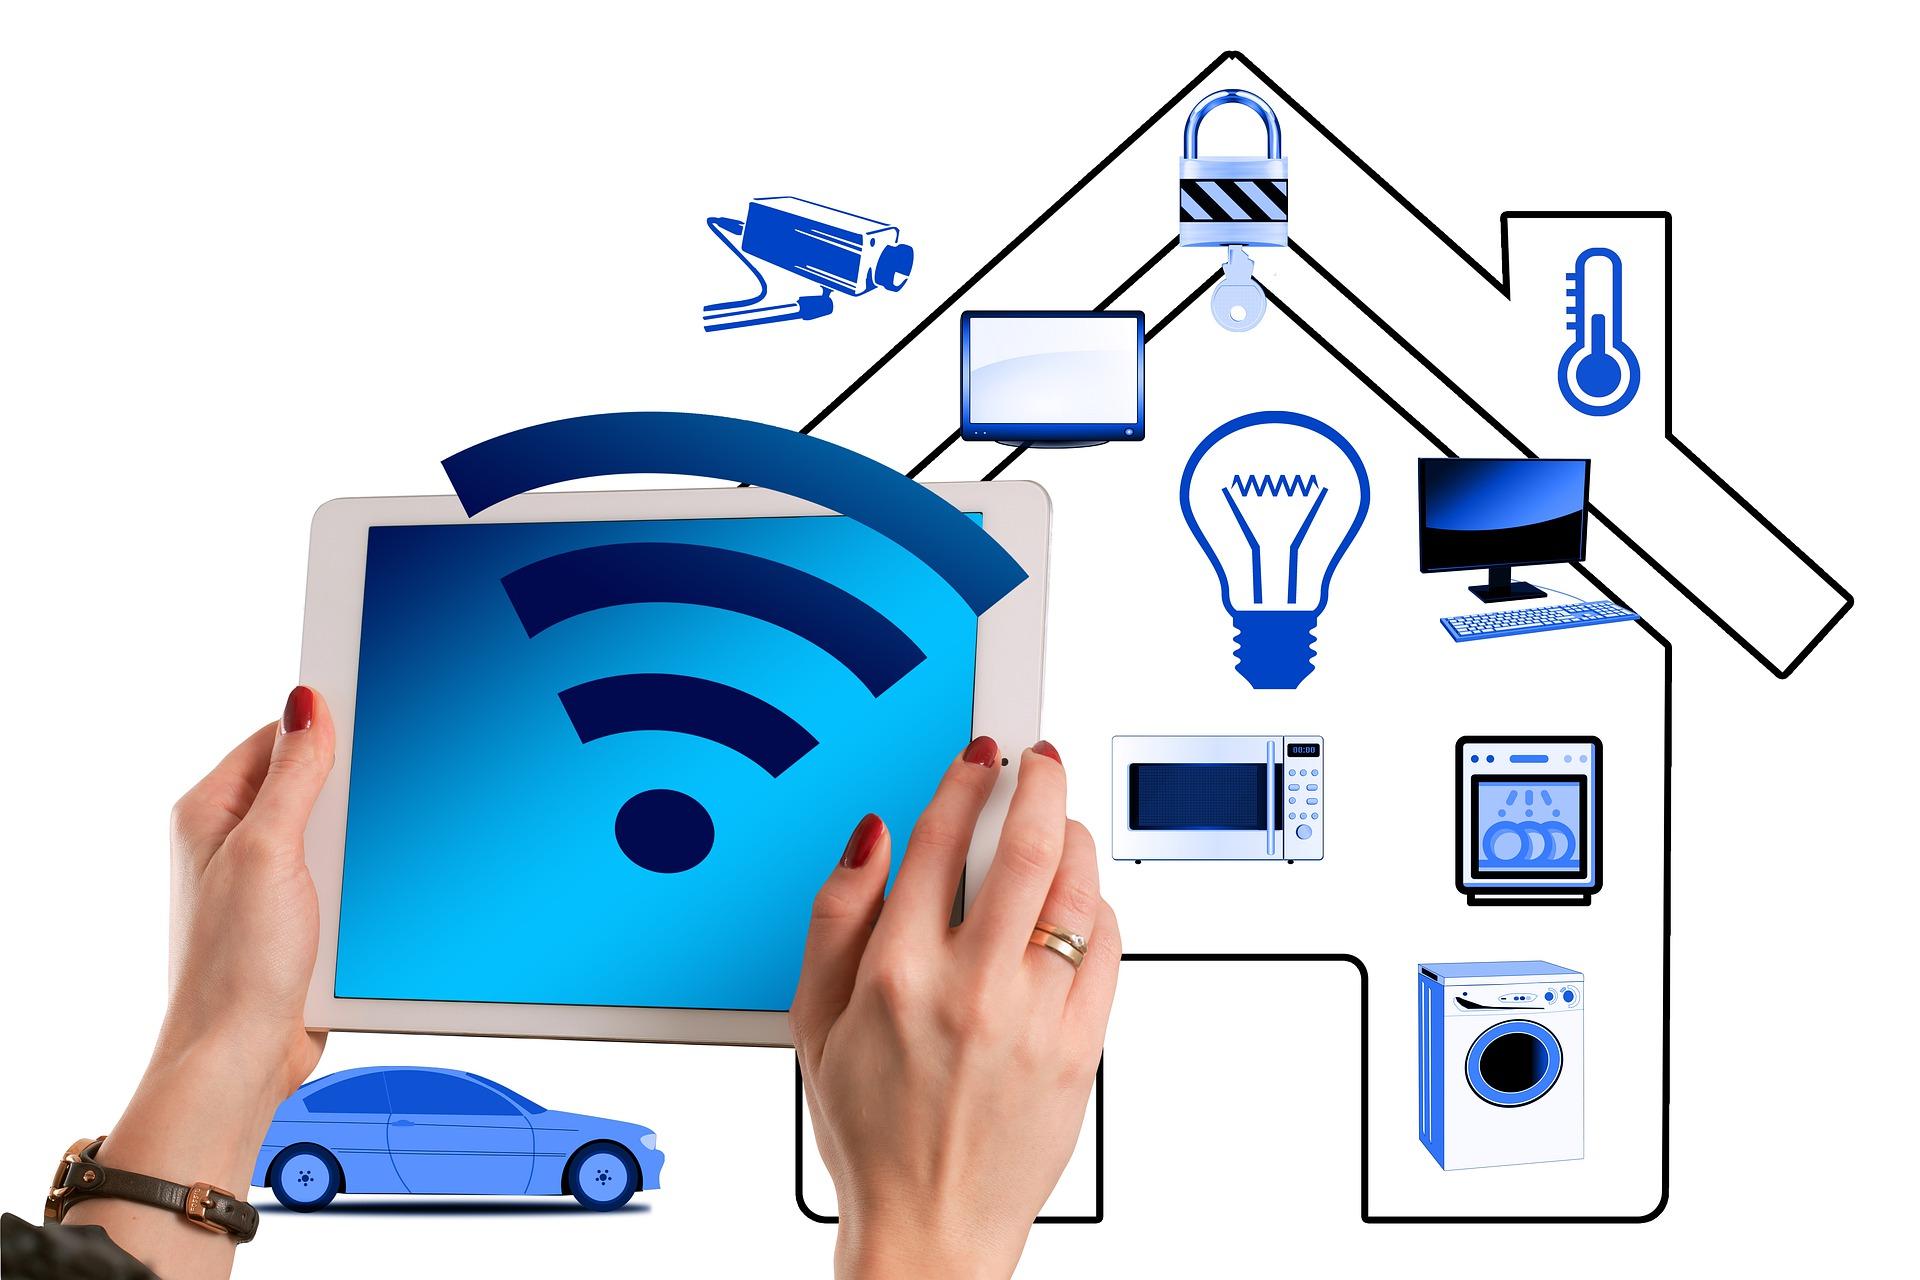 el internet de las cosas en todos los hogares